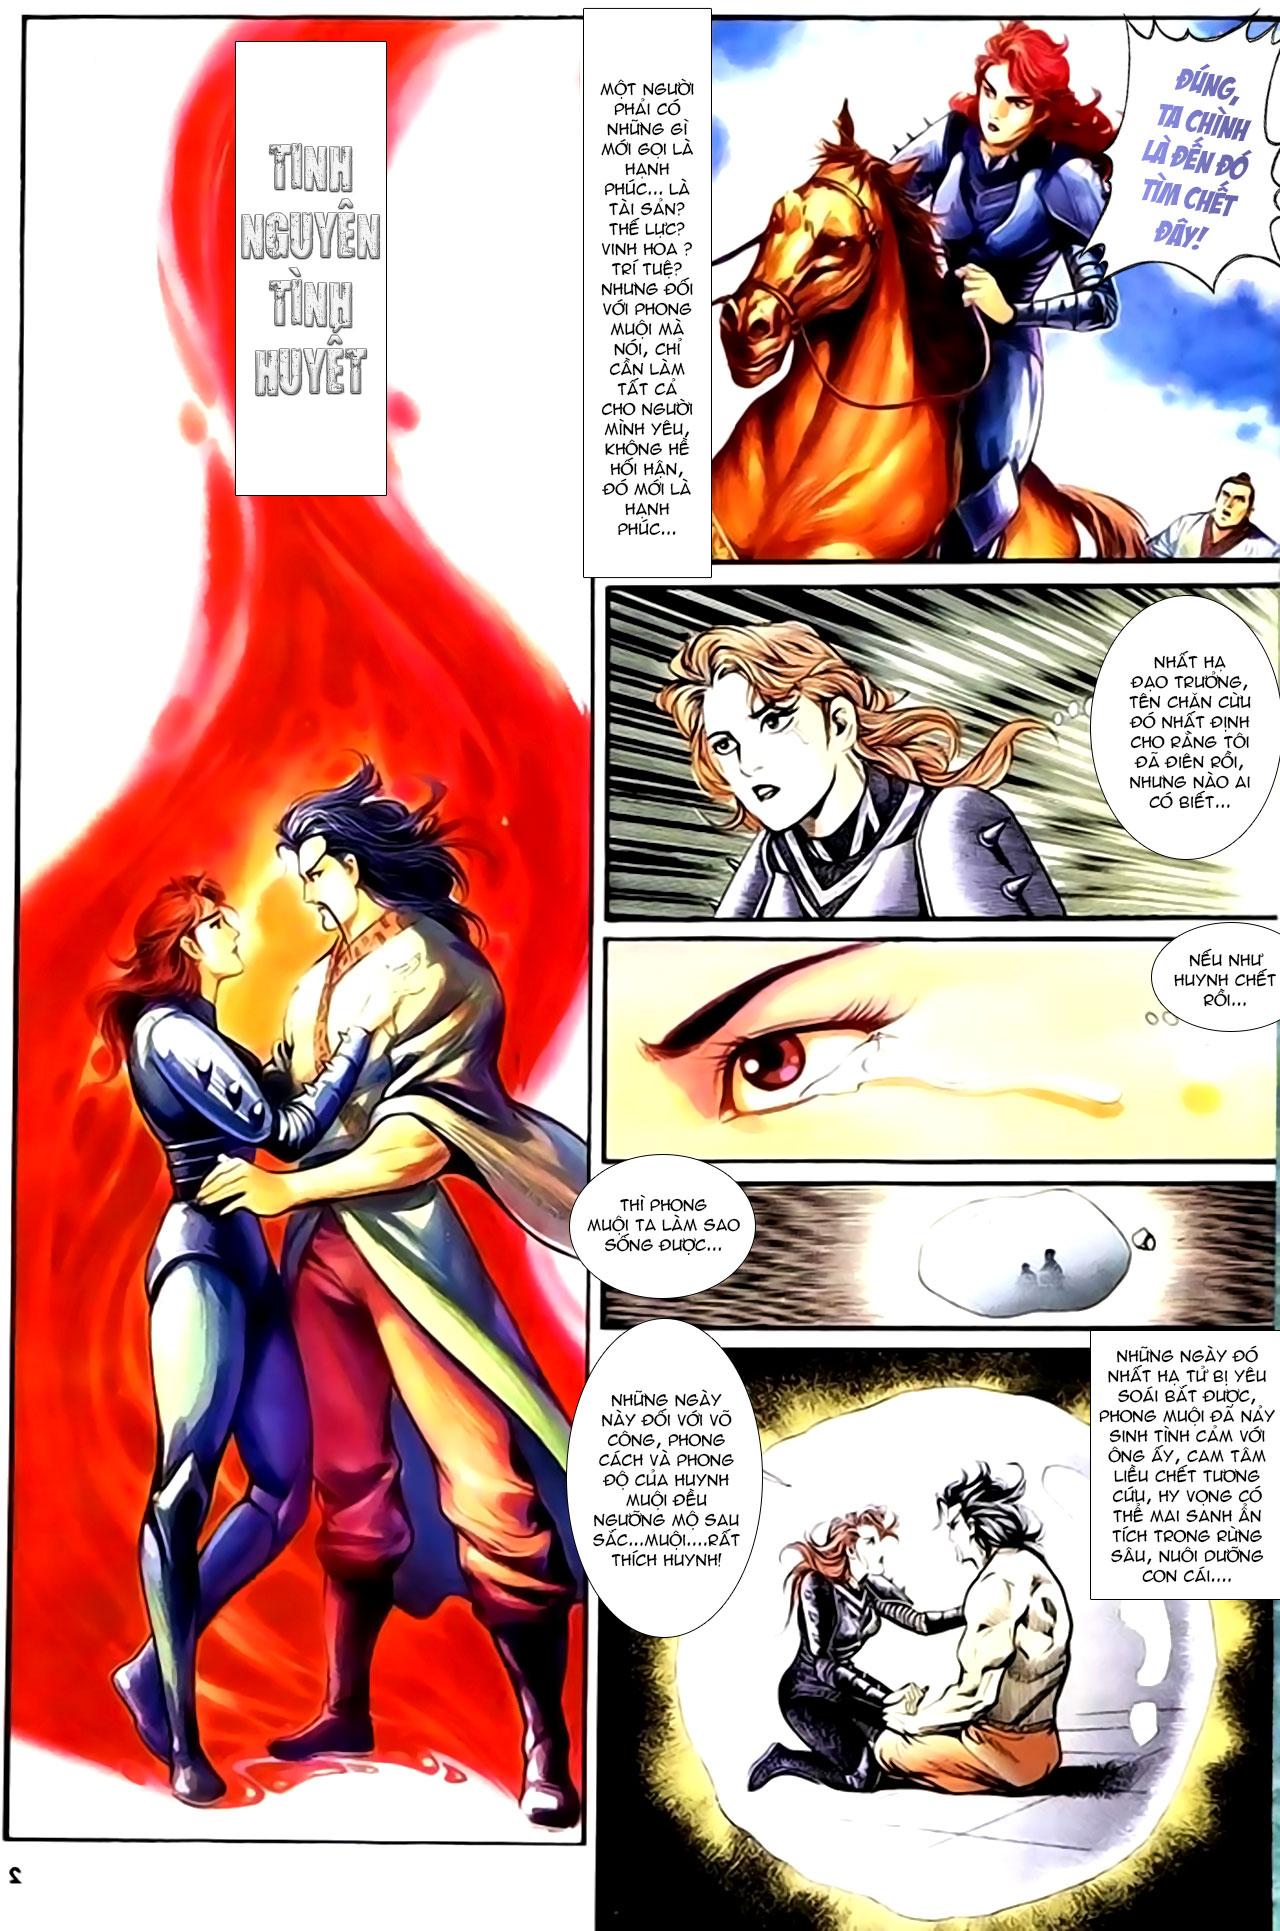 Cơ Phát Khai Chu Bản chapter 139 trang 3